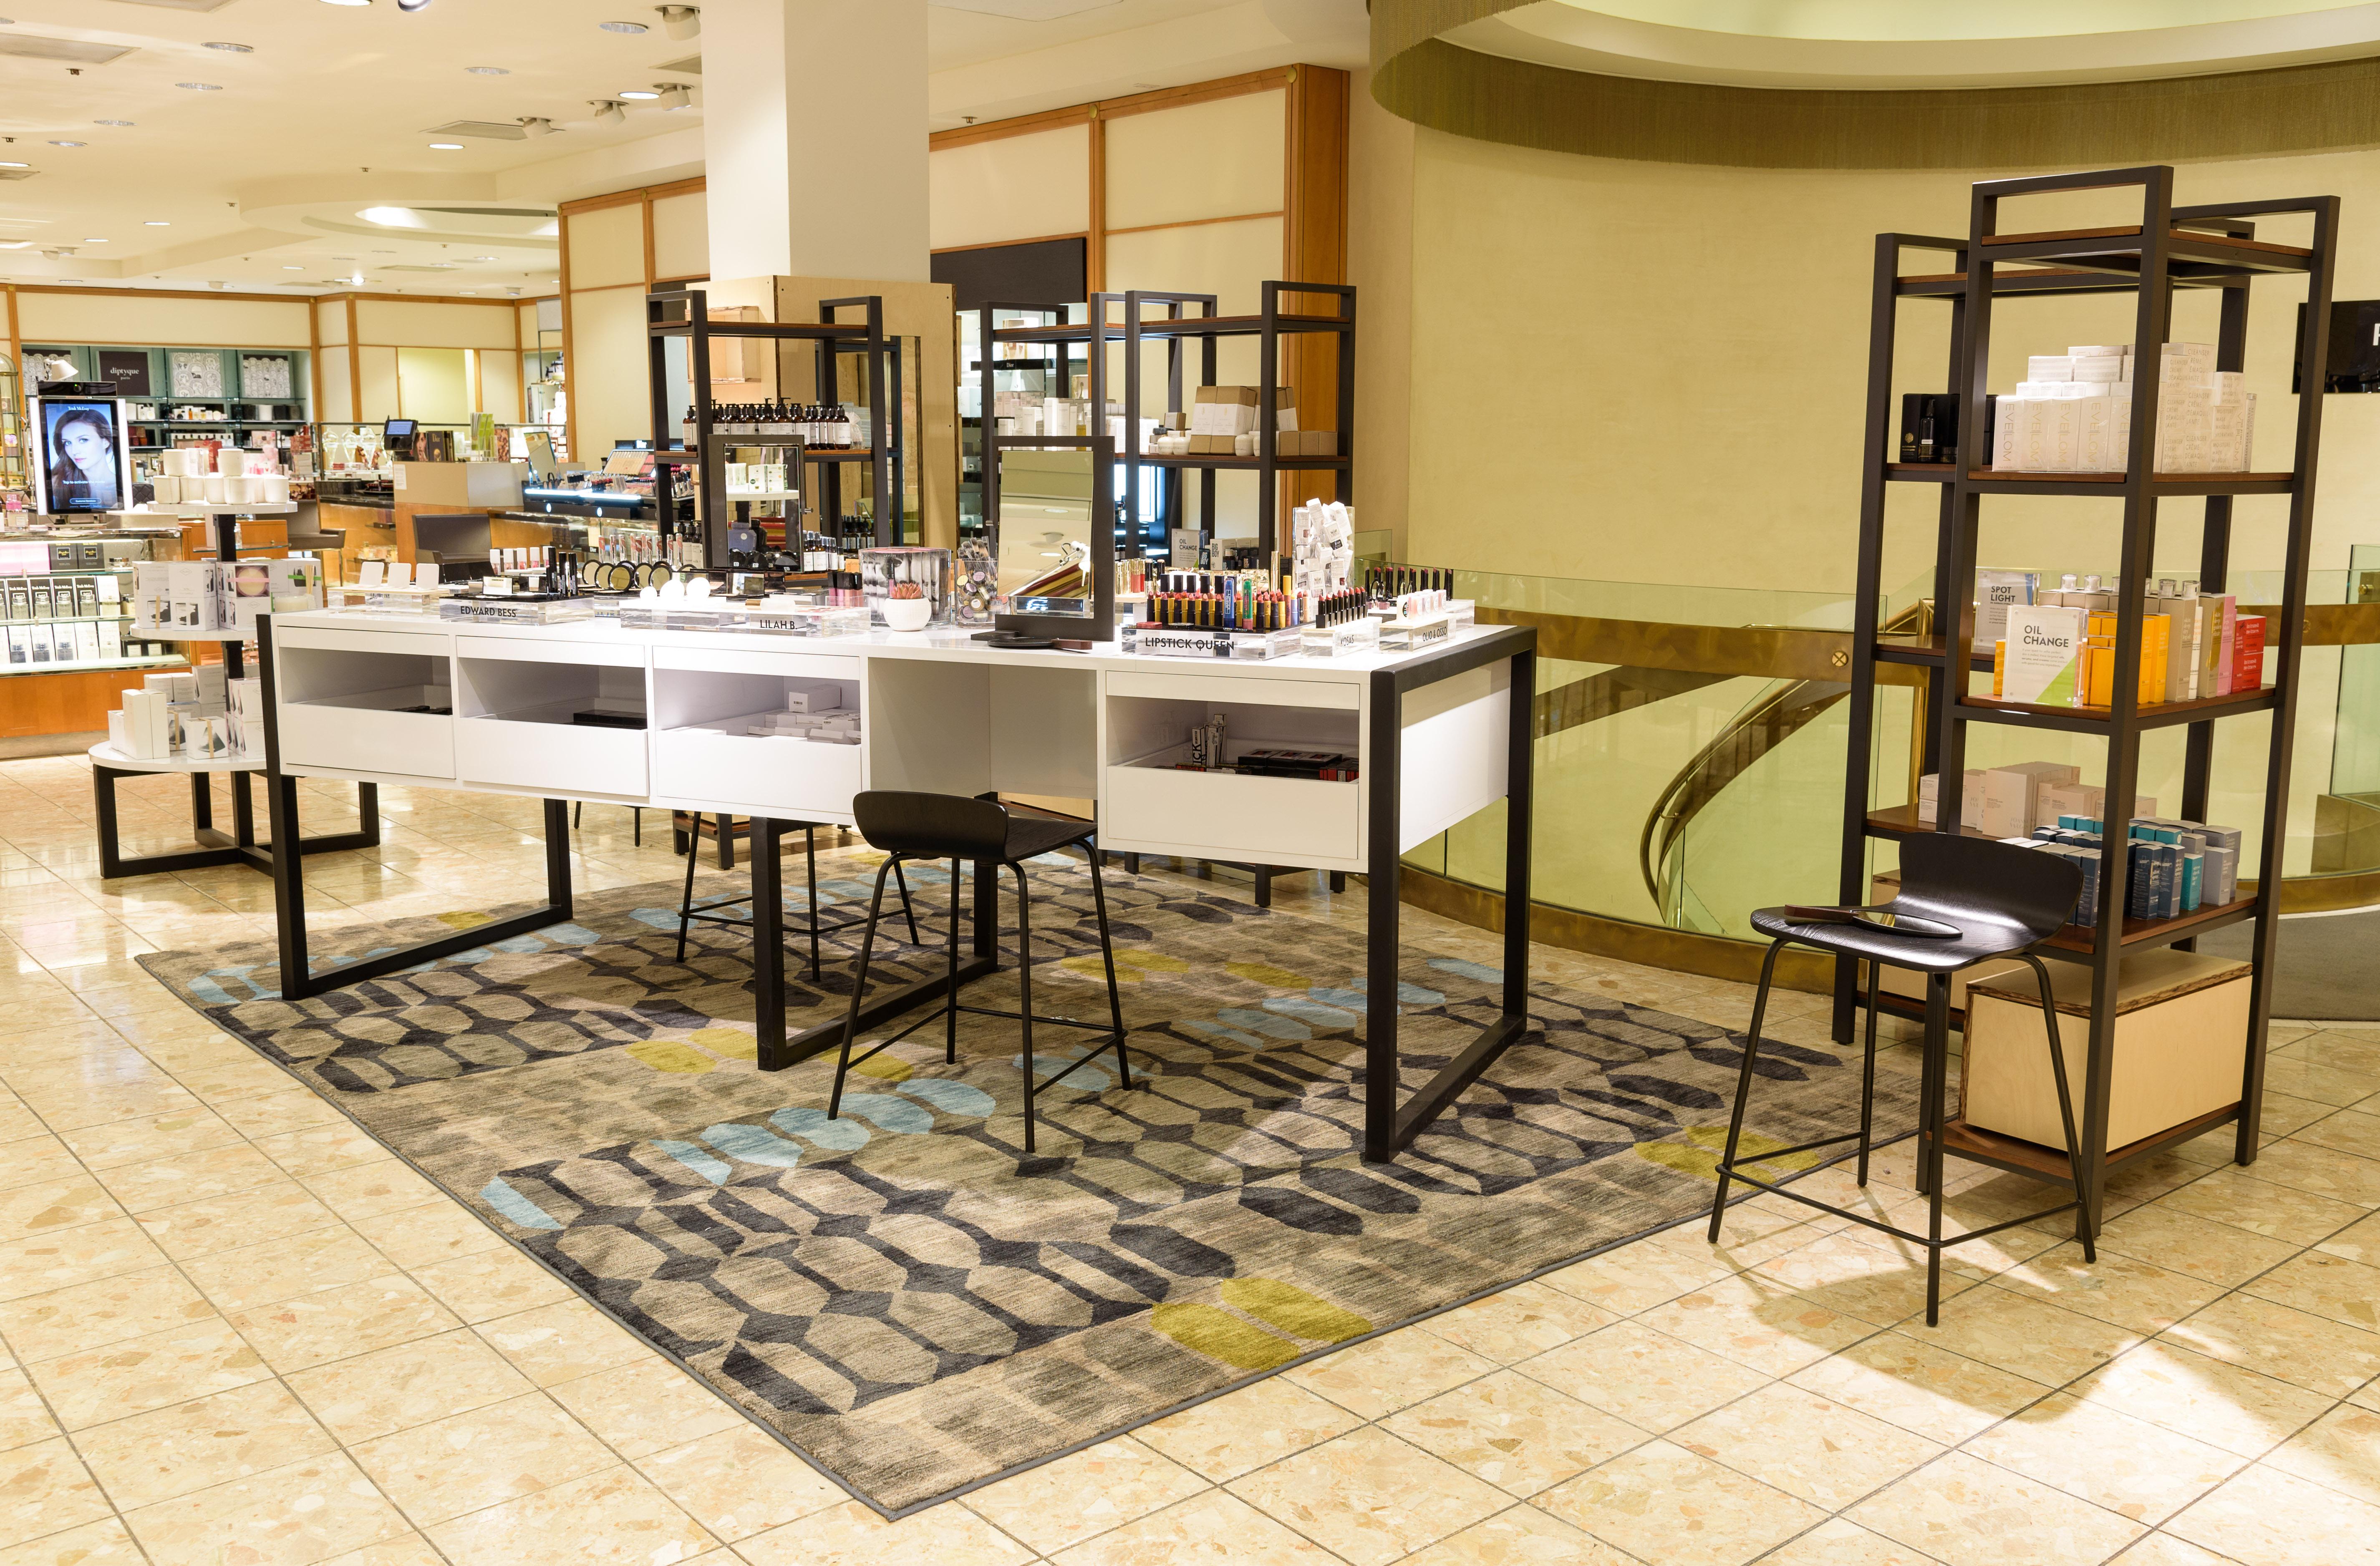 Neiman Marcus Trending Beauty Shop